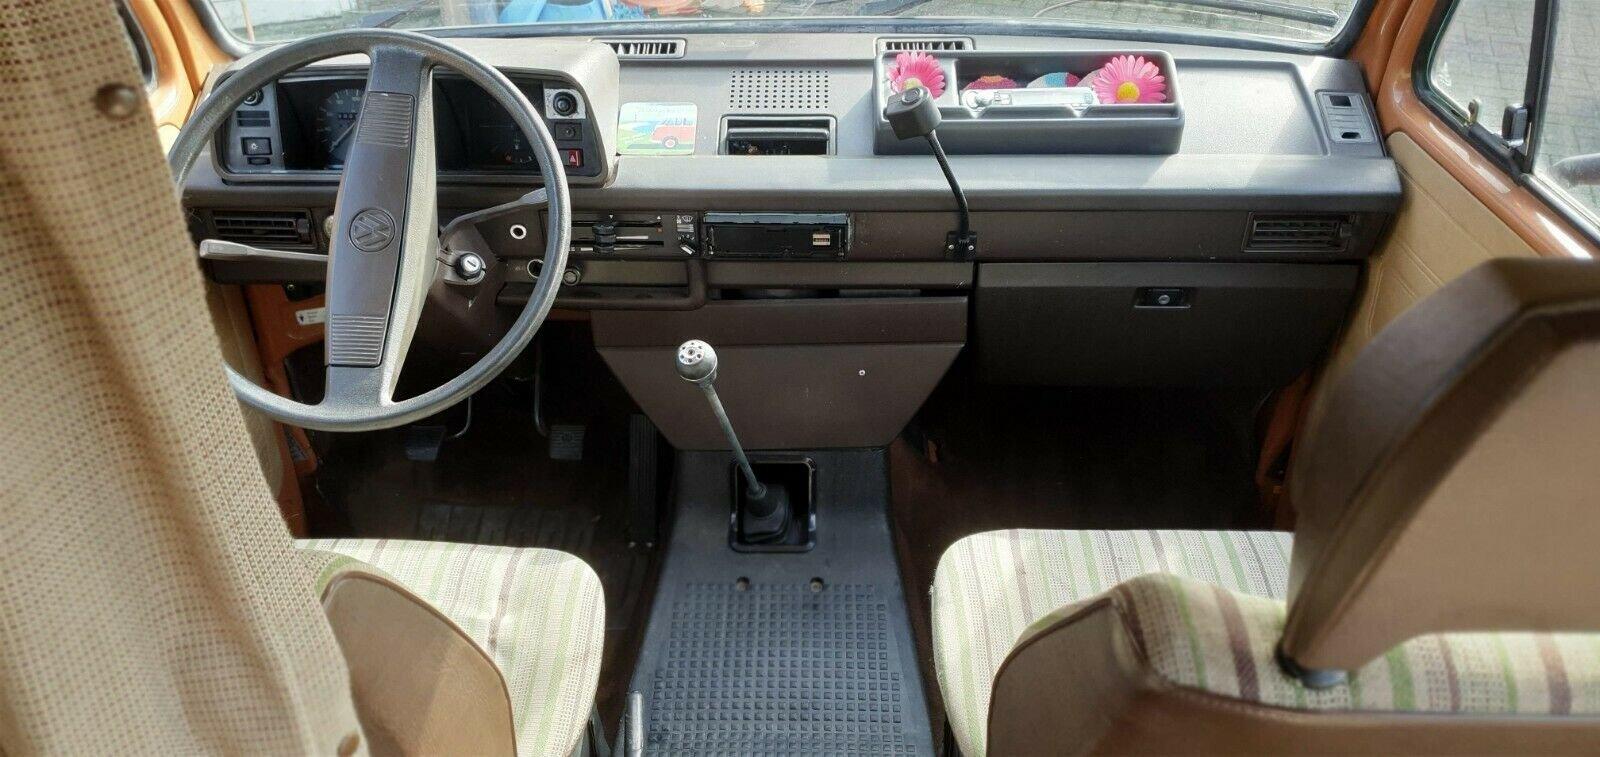 1984 Volkswagen T3 Bus, VW T3 Westfalia, Volkswagen T25 For Sale (picture 5 of 6)